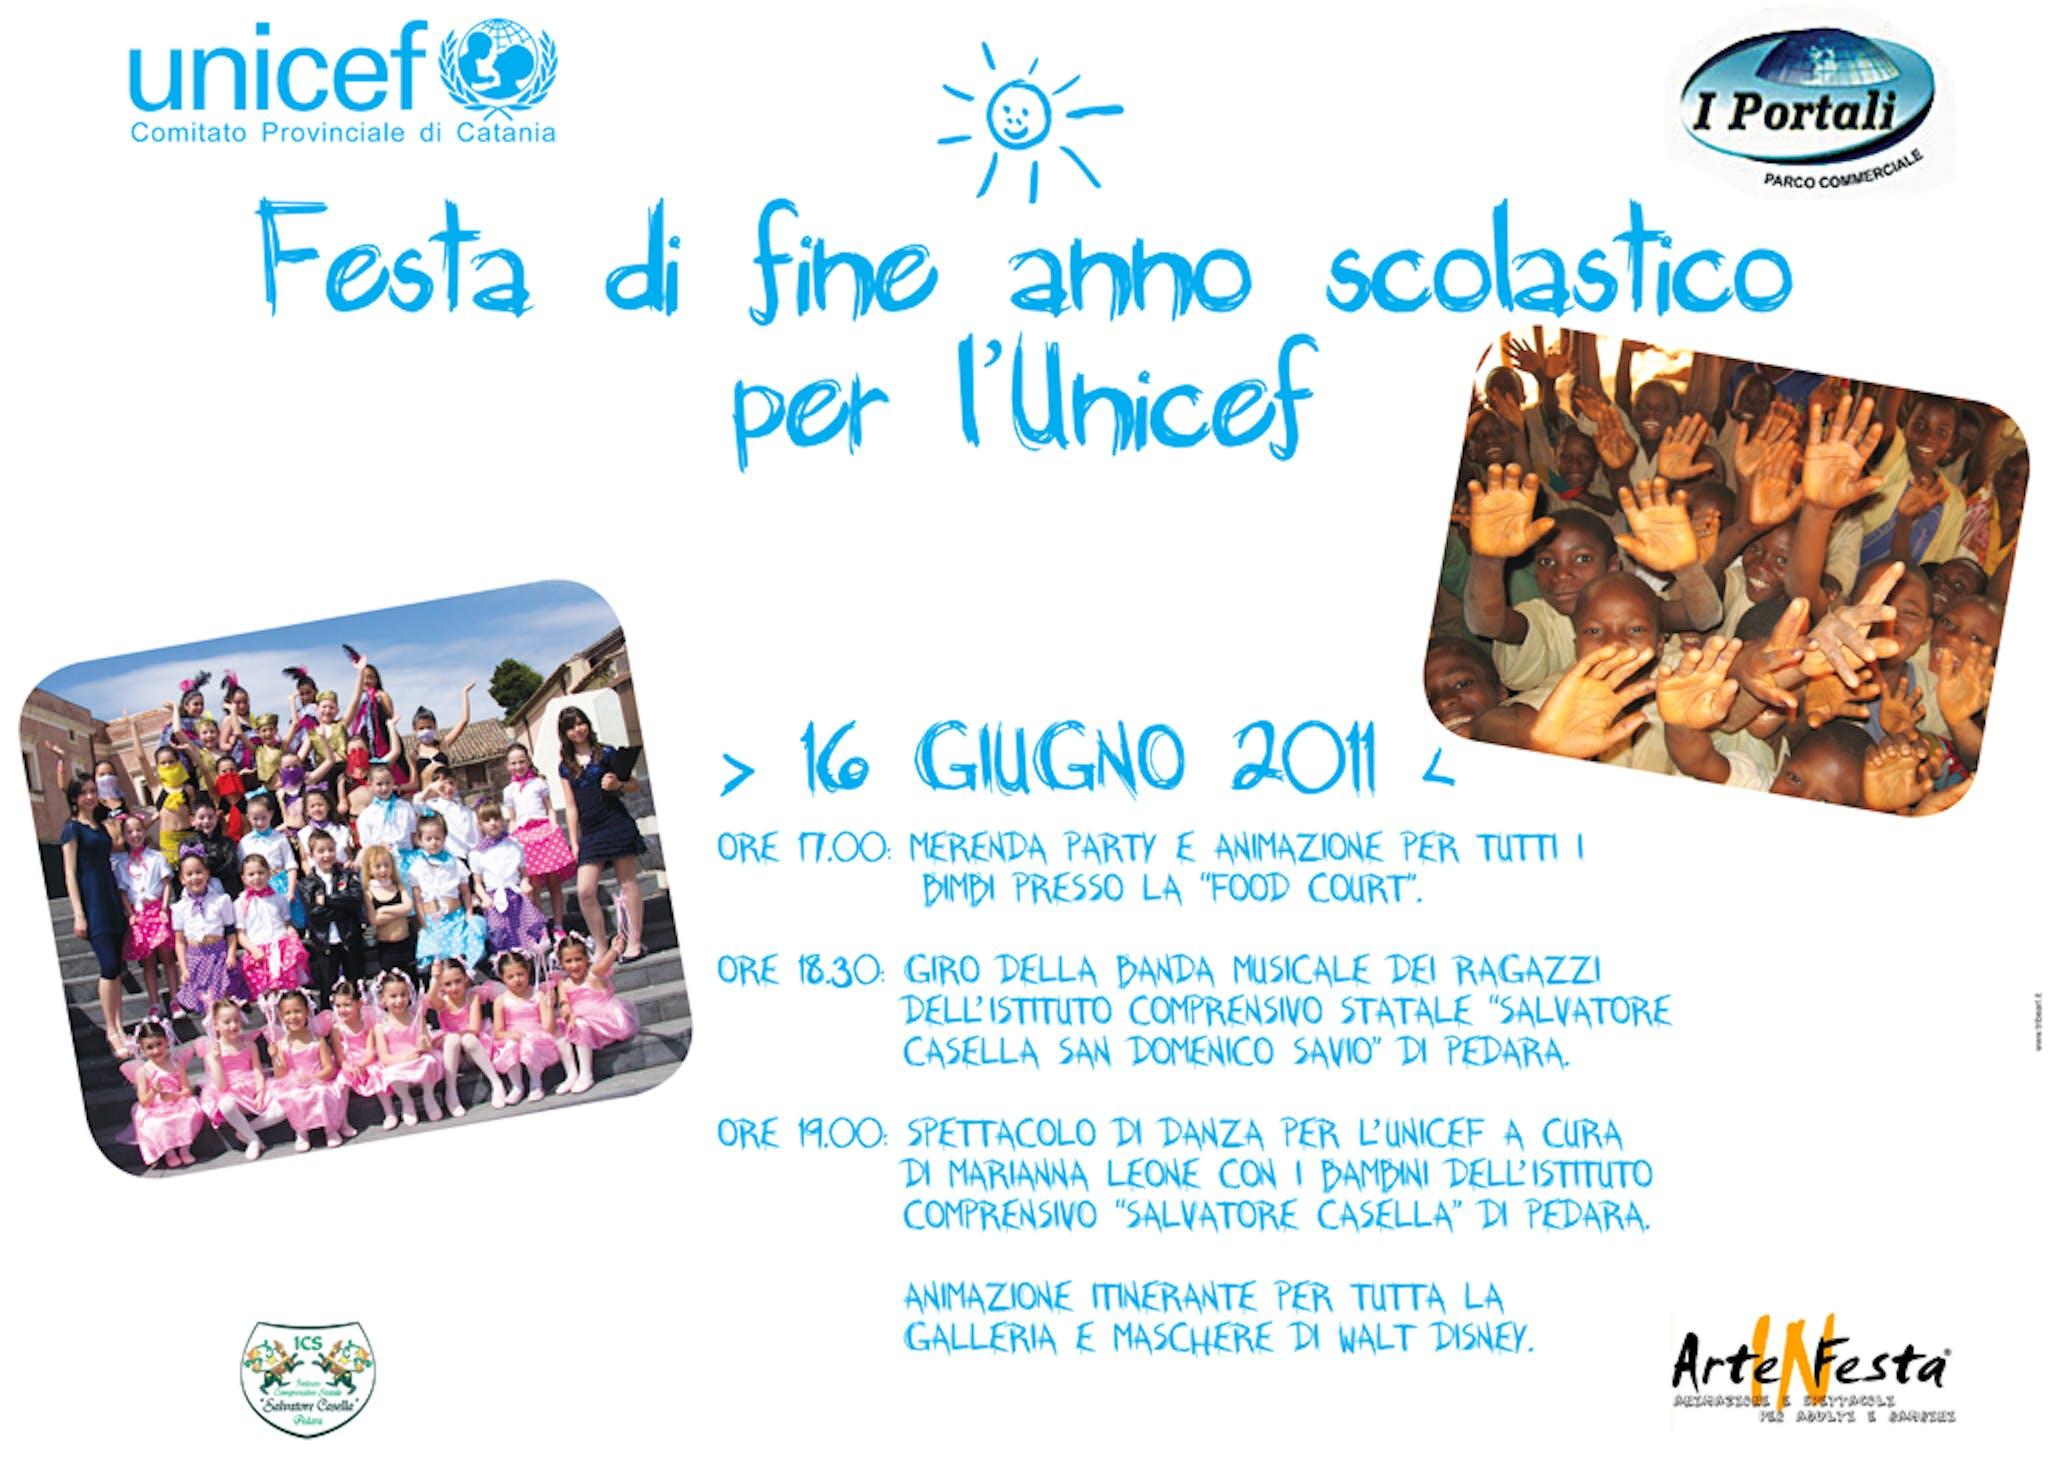 A Catania una festa di fine anno scolastico solidale